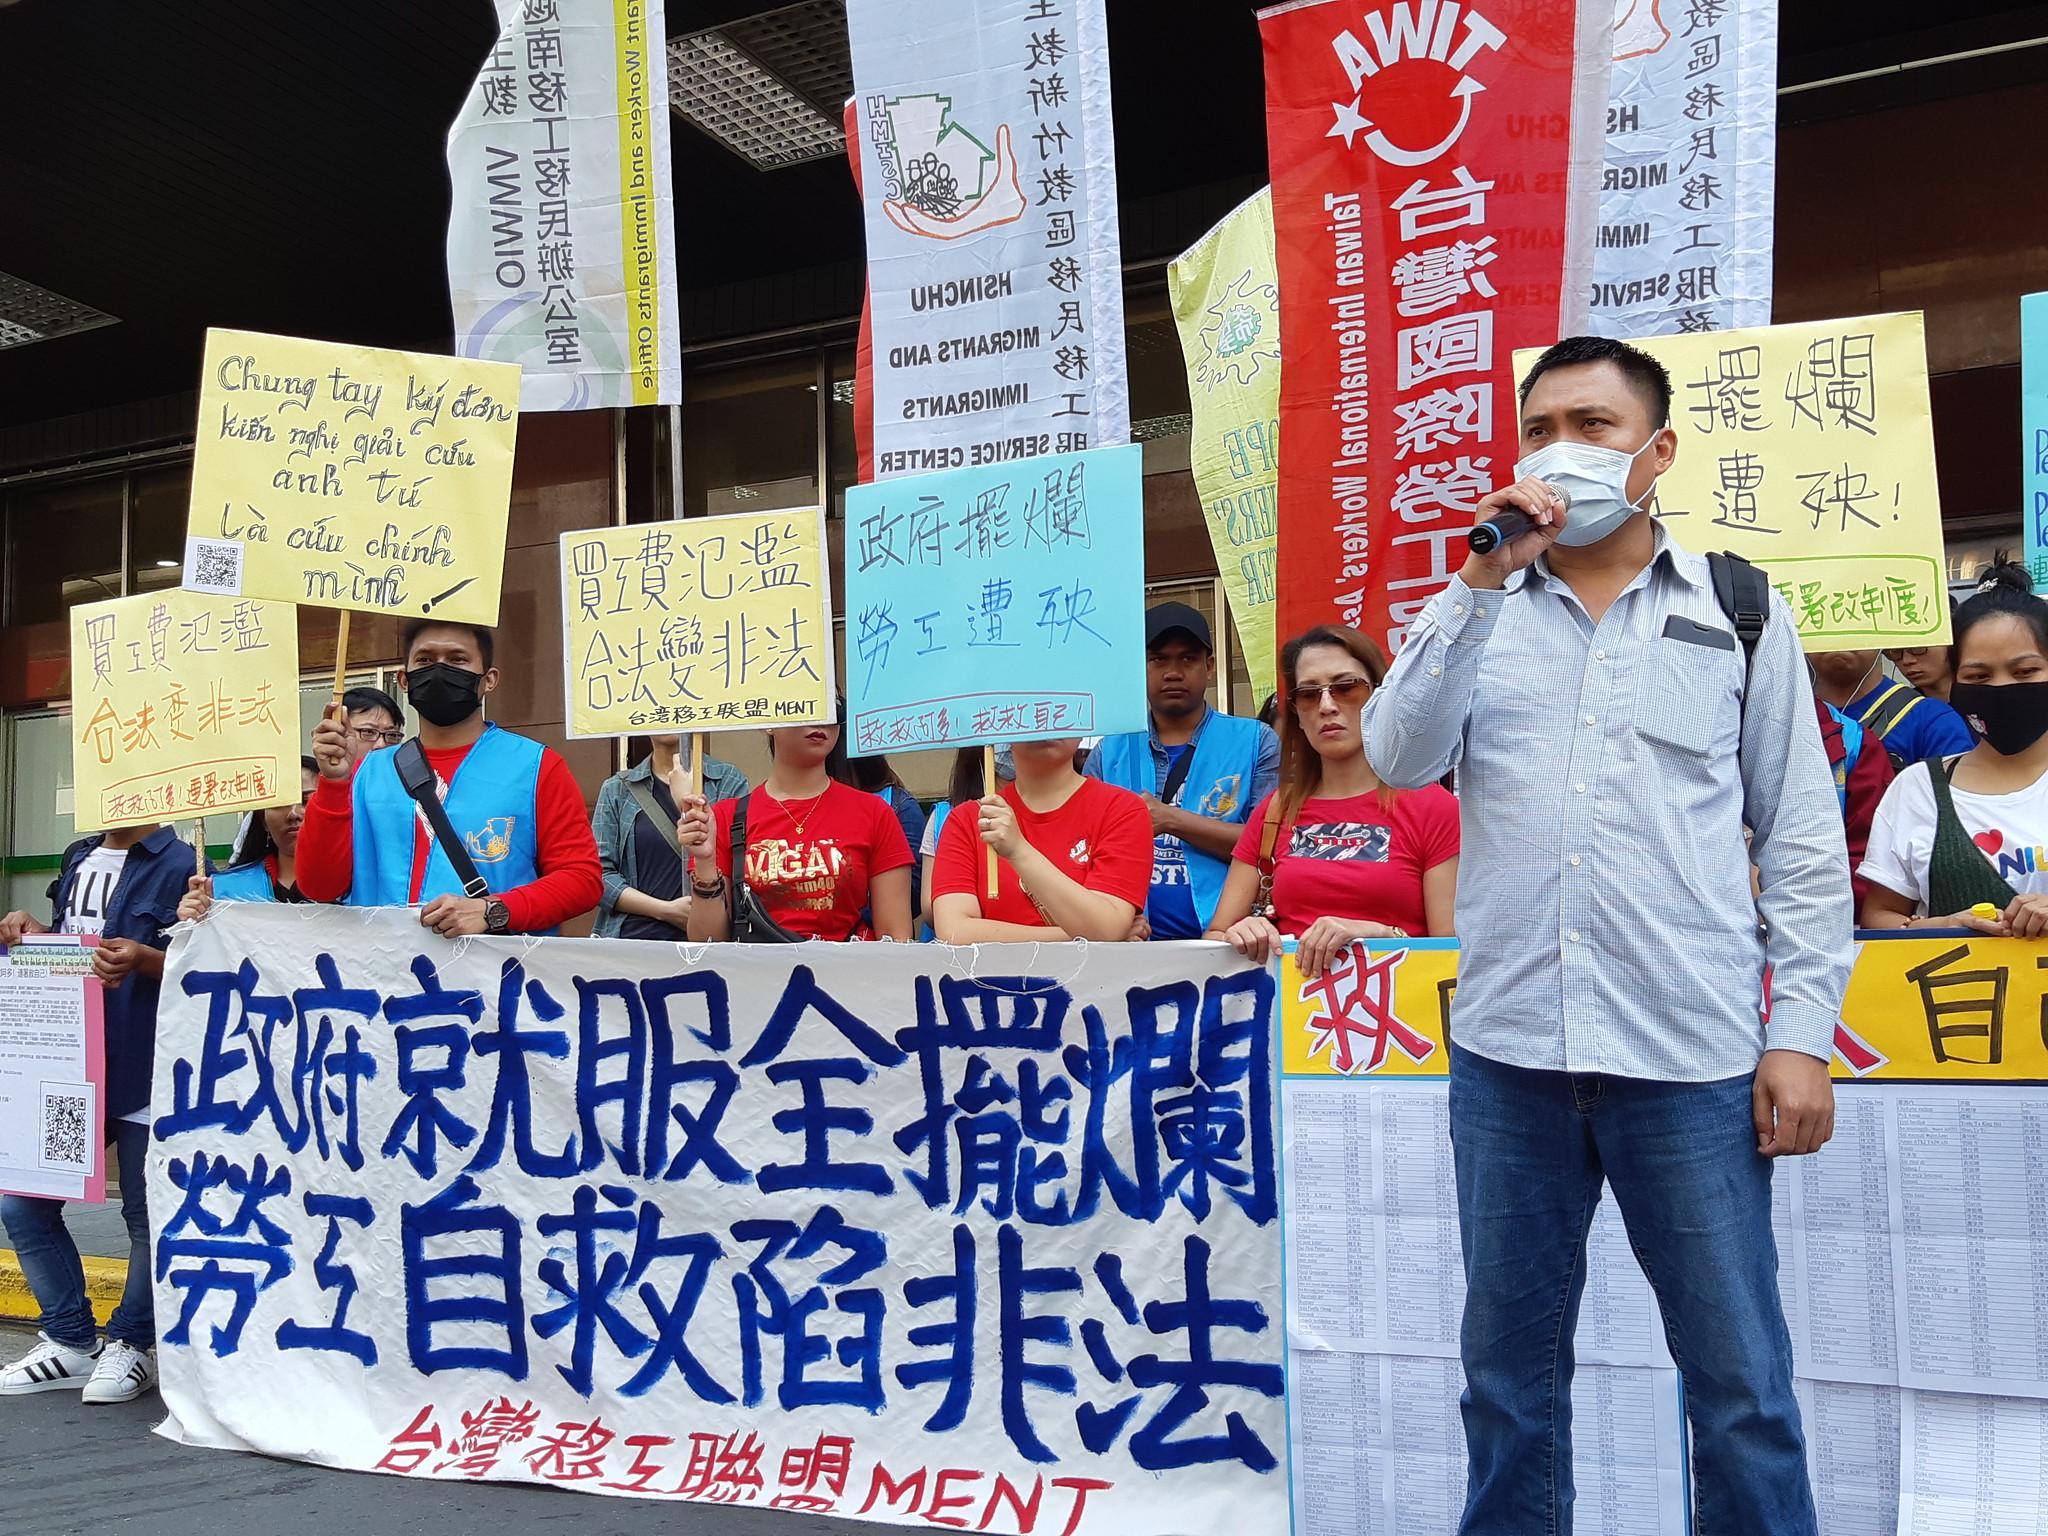 印尼籍移工阿多和移工團體到勞動部陳情,希望恢復他的合法身分。(攝影:張智琦)